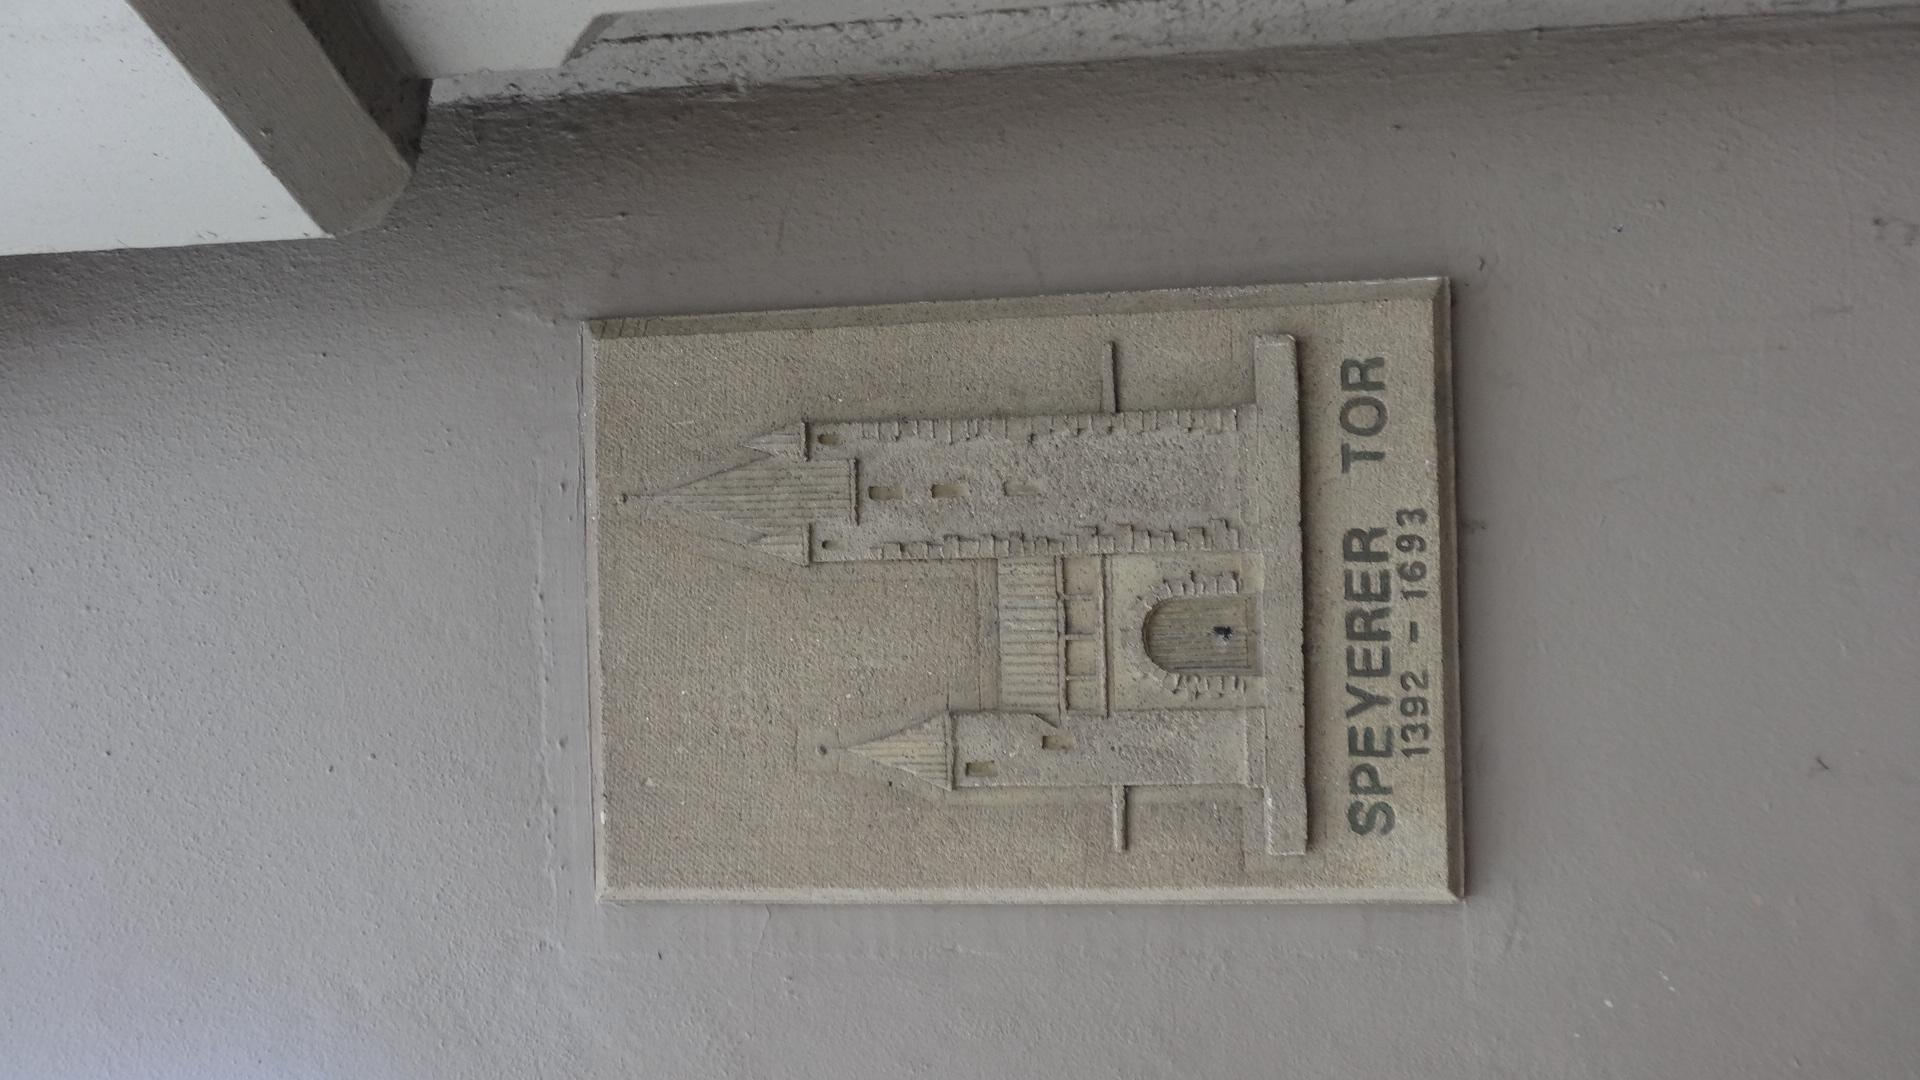 Erinnerungstafel für das Speyerer Tor